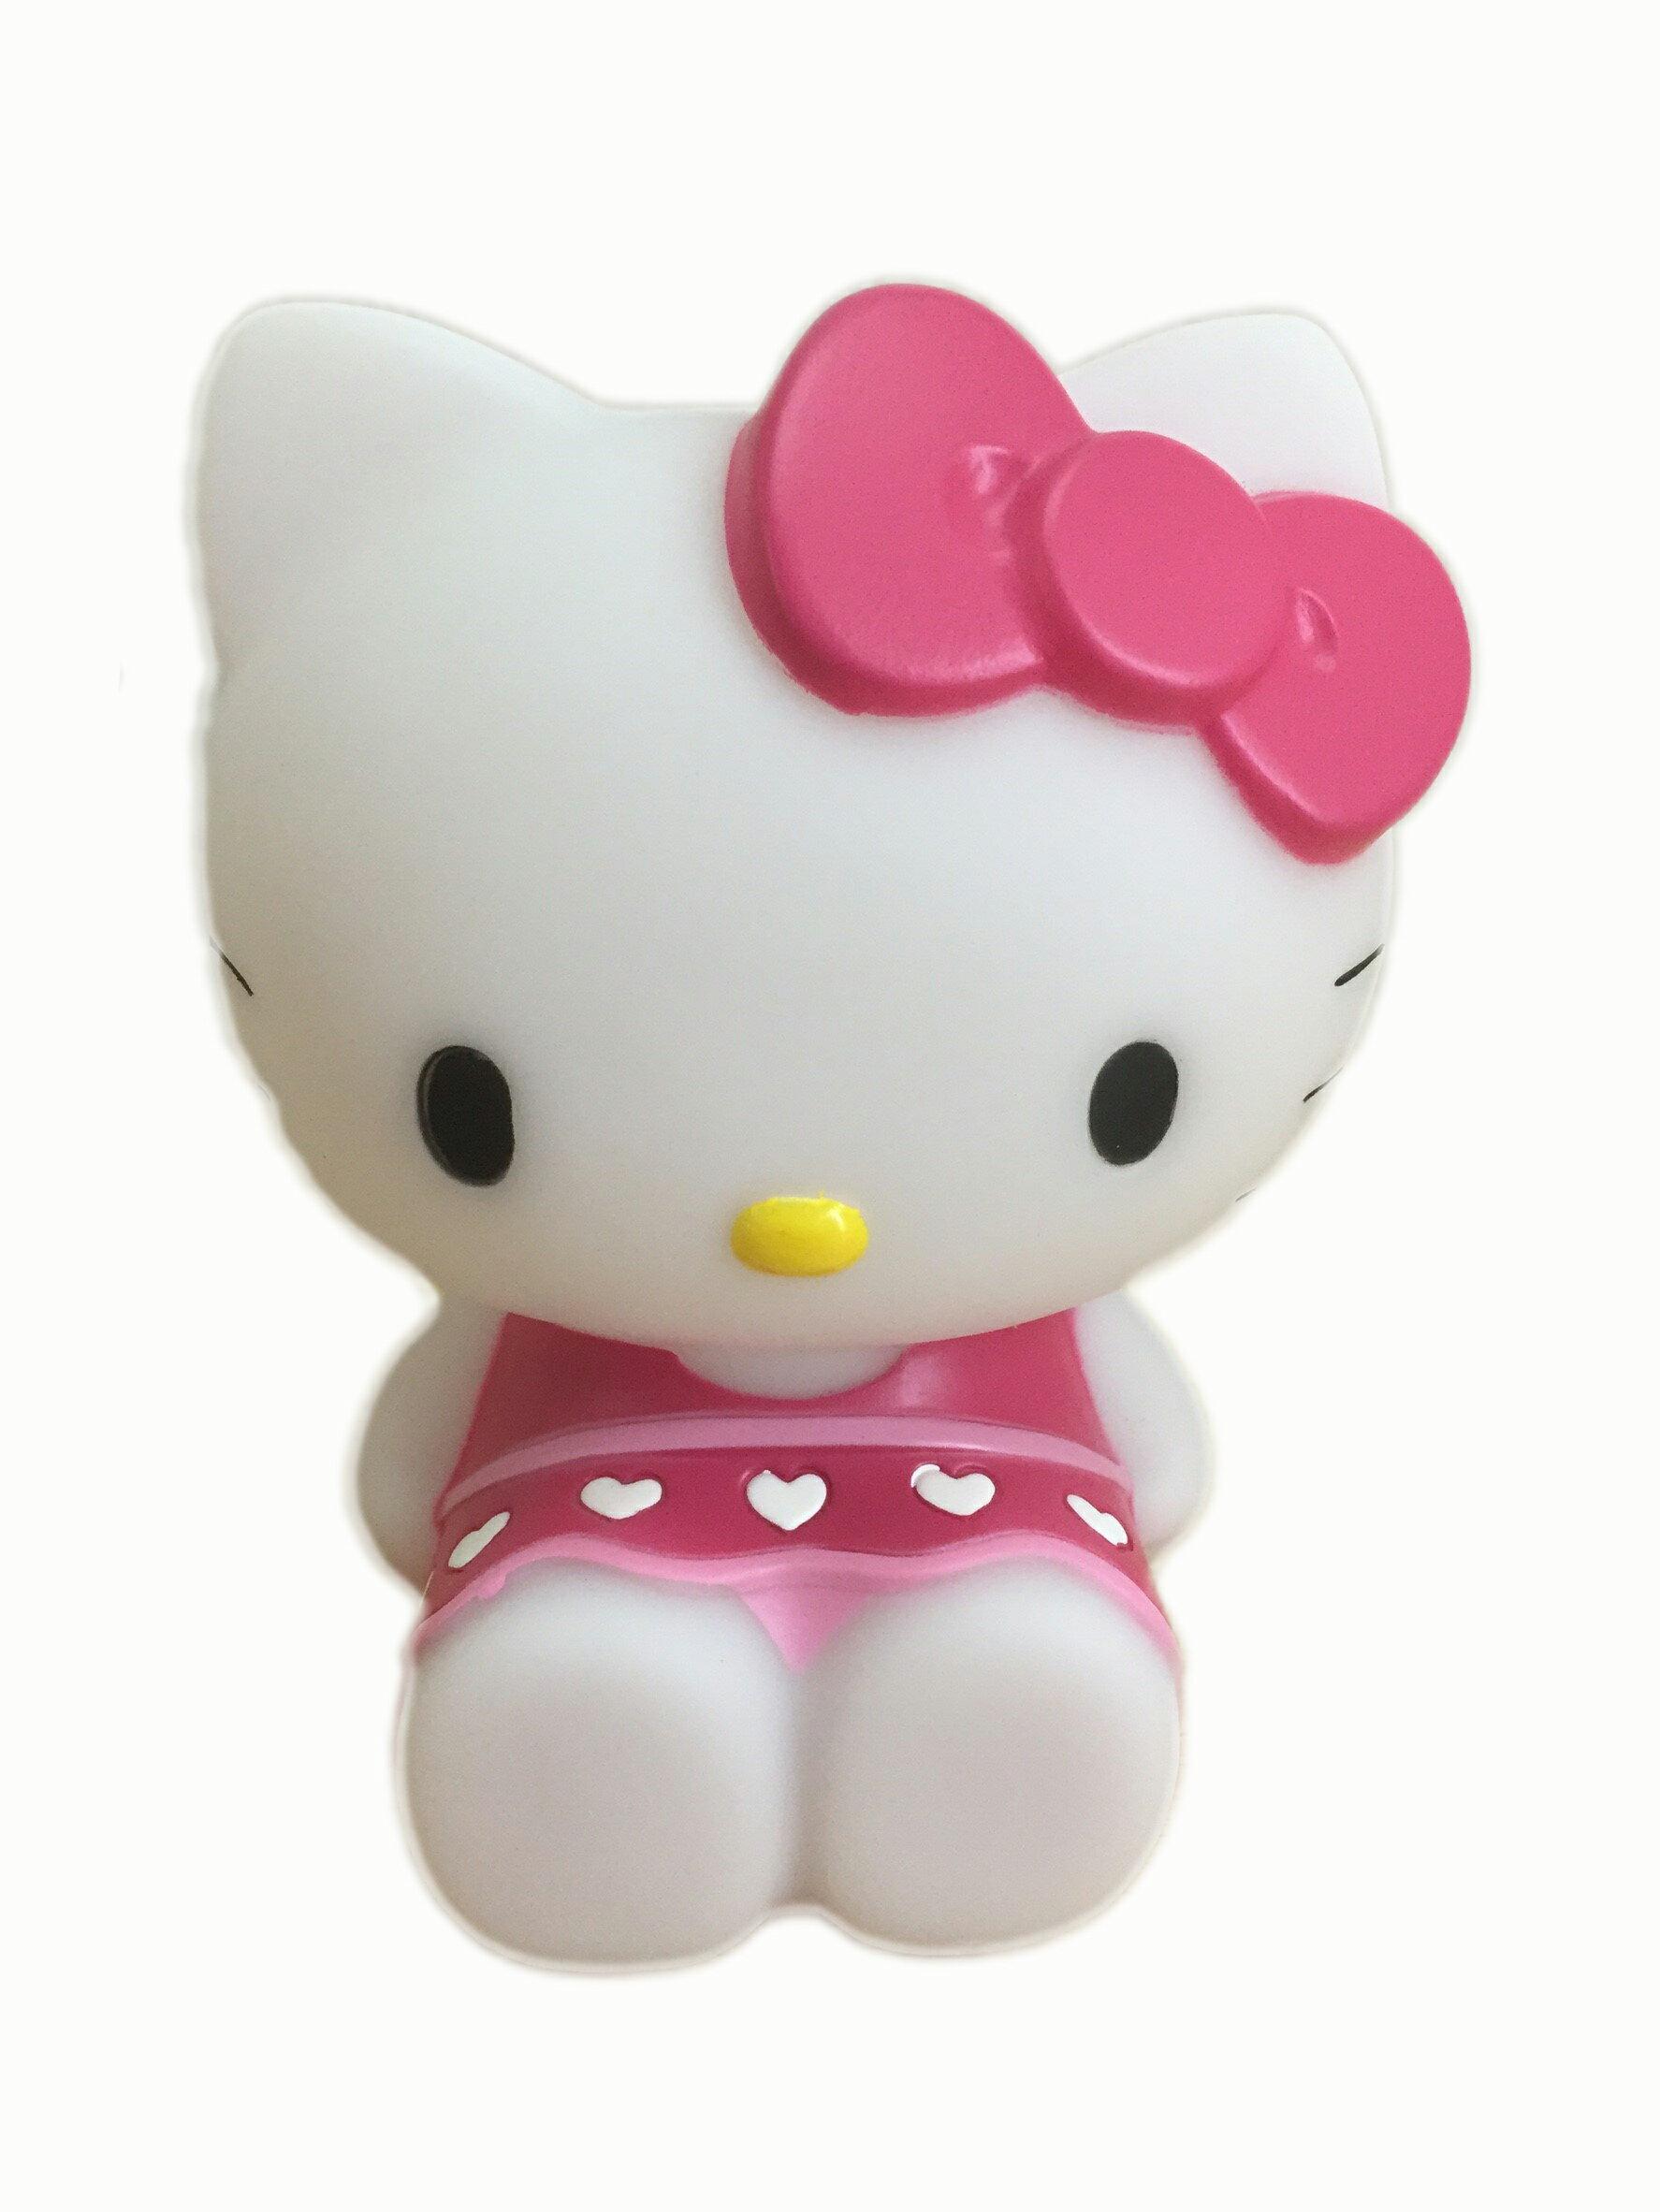 【真愛日本】16052800002坐姿造型筆筒-愛心紅洋裝  三麗鷗 Hello Kitty 凱蒂貓 文具 收納筒 正品